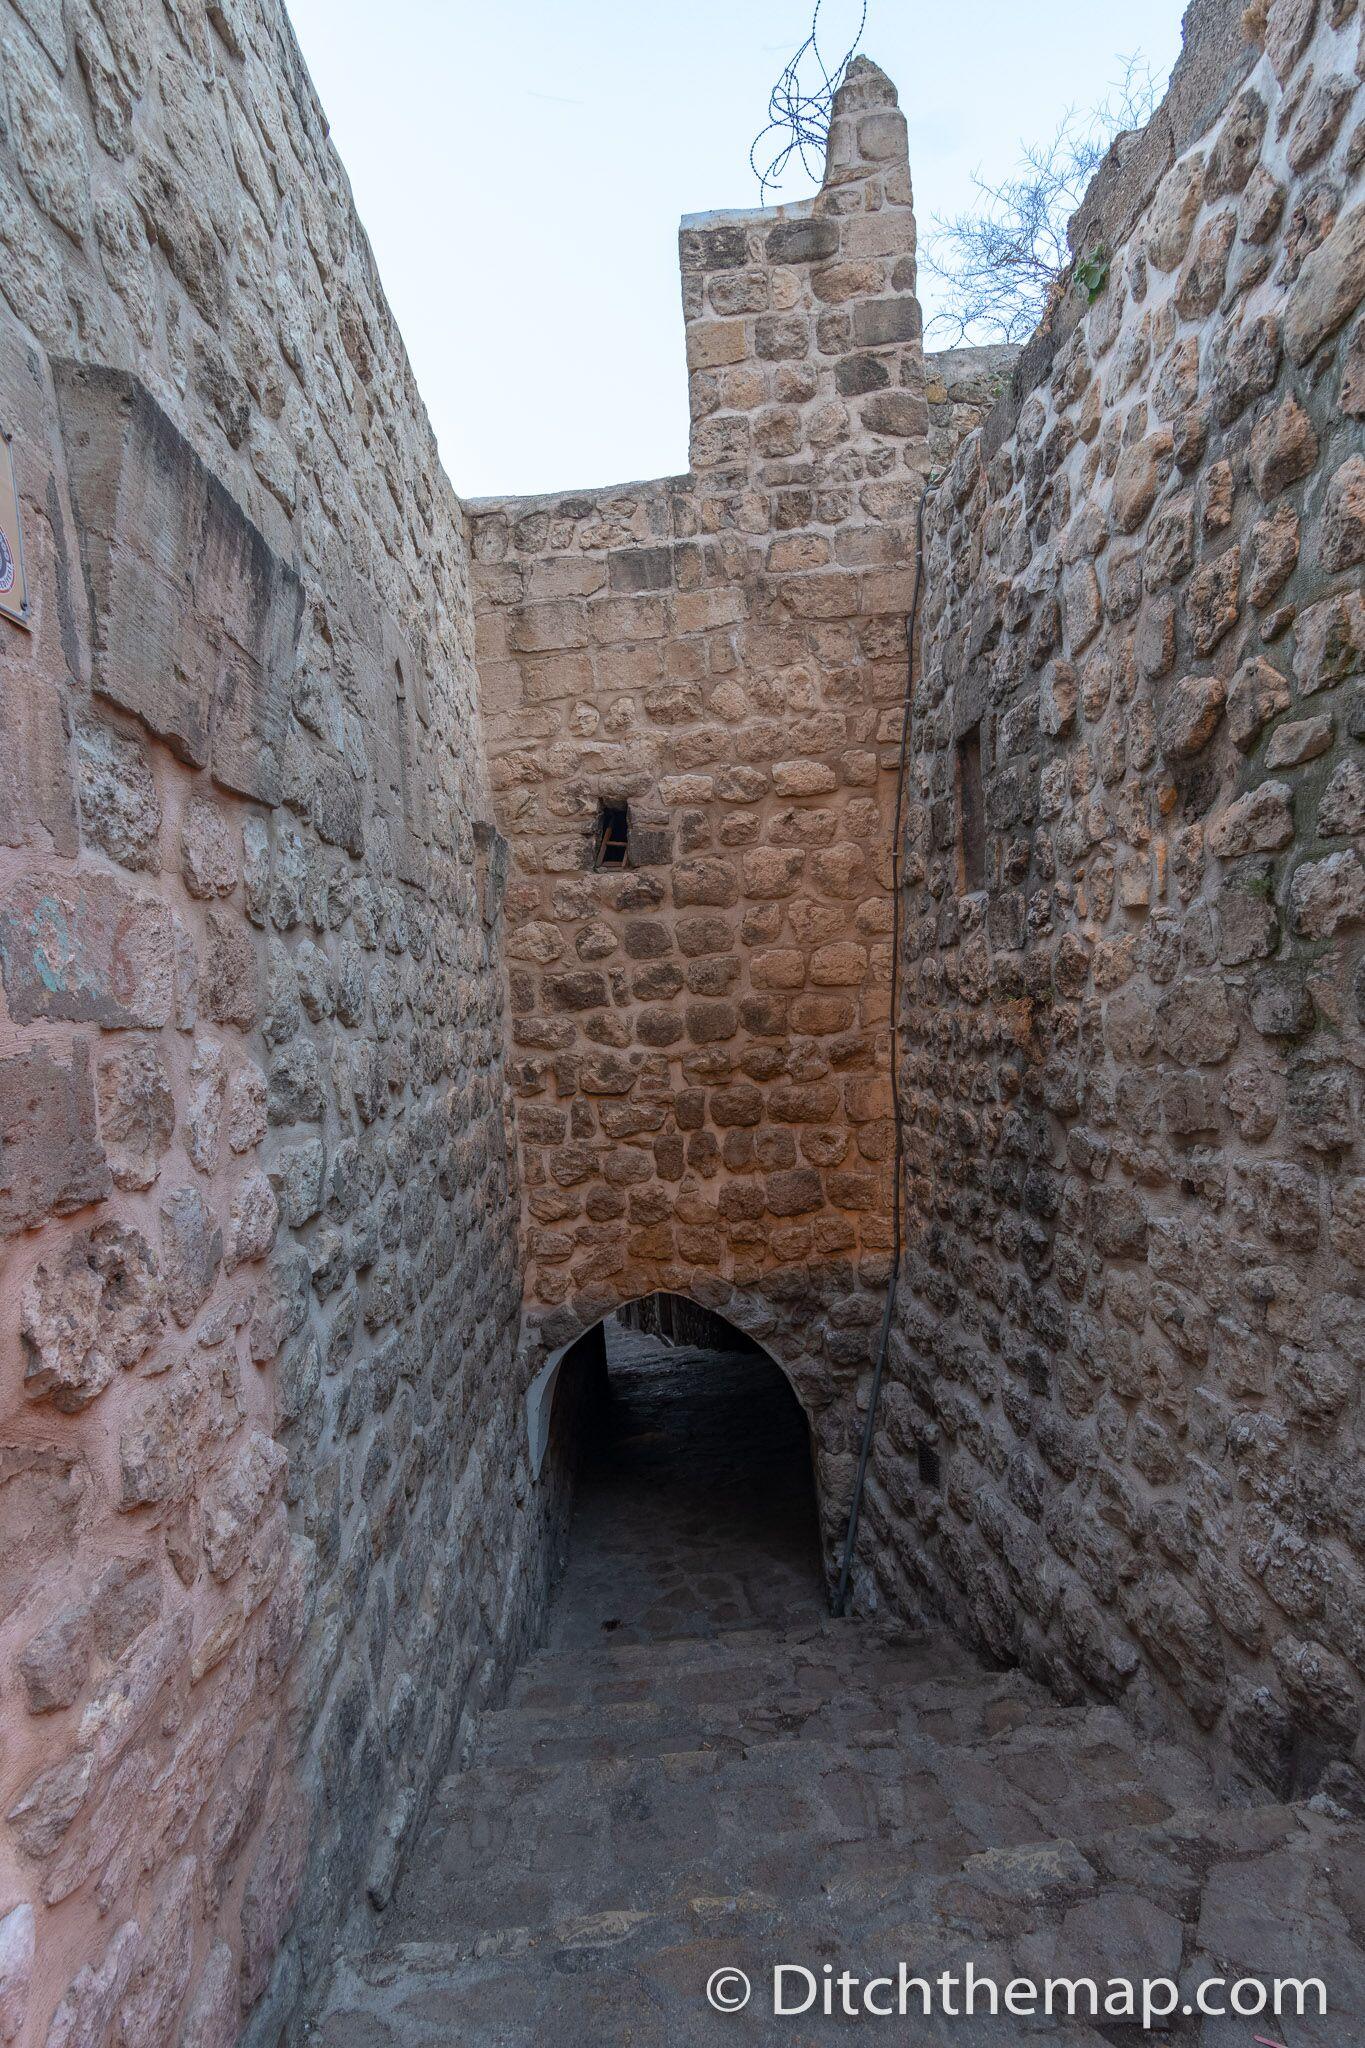 Stone alleyway in Mardin, Turkey